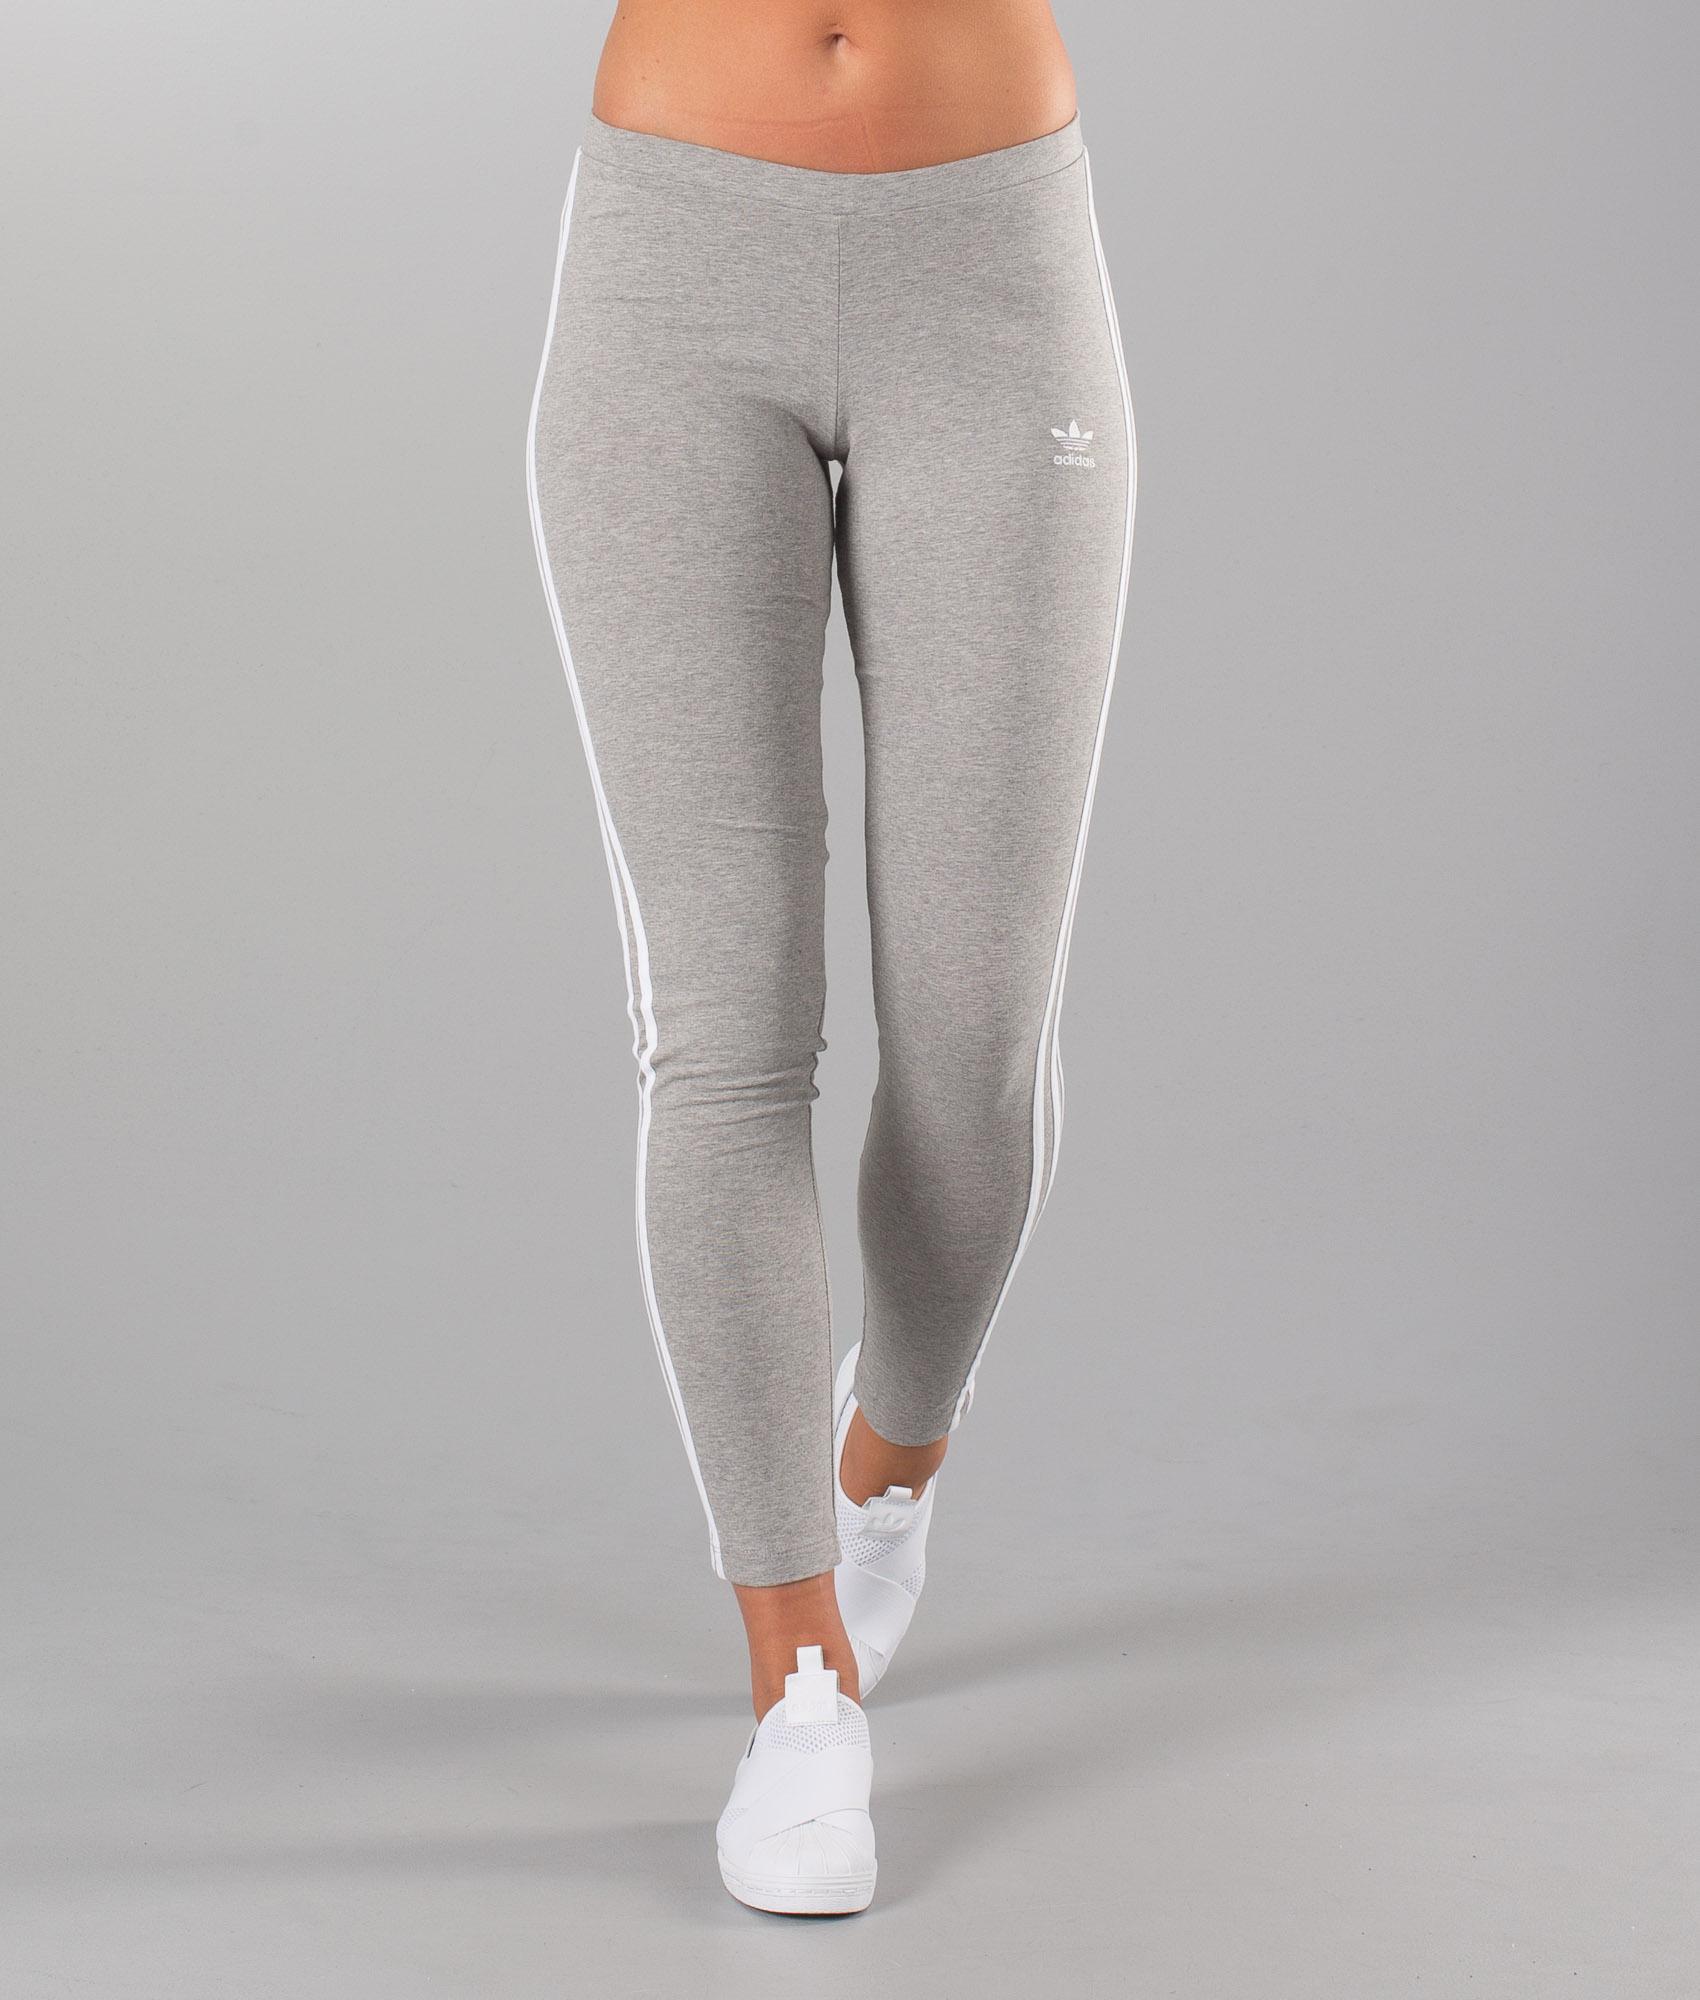 adidas Originals Leggings 3 Stripes Tight Medium Grey Heather